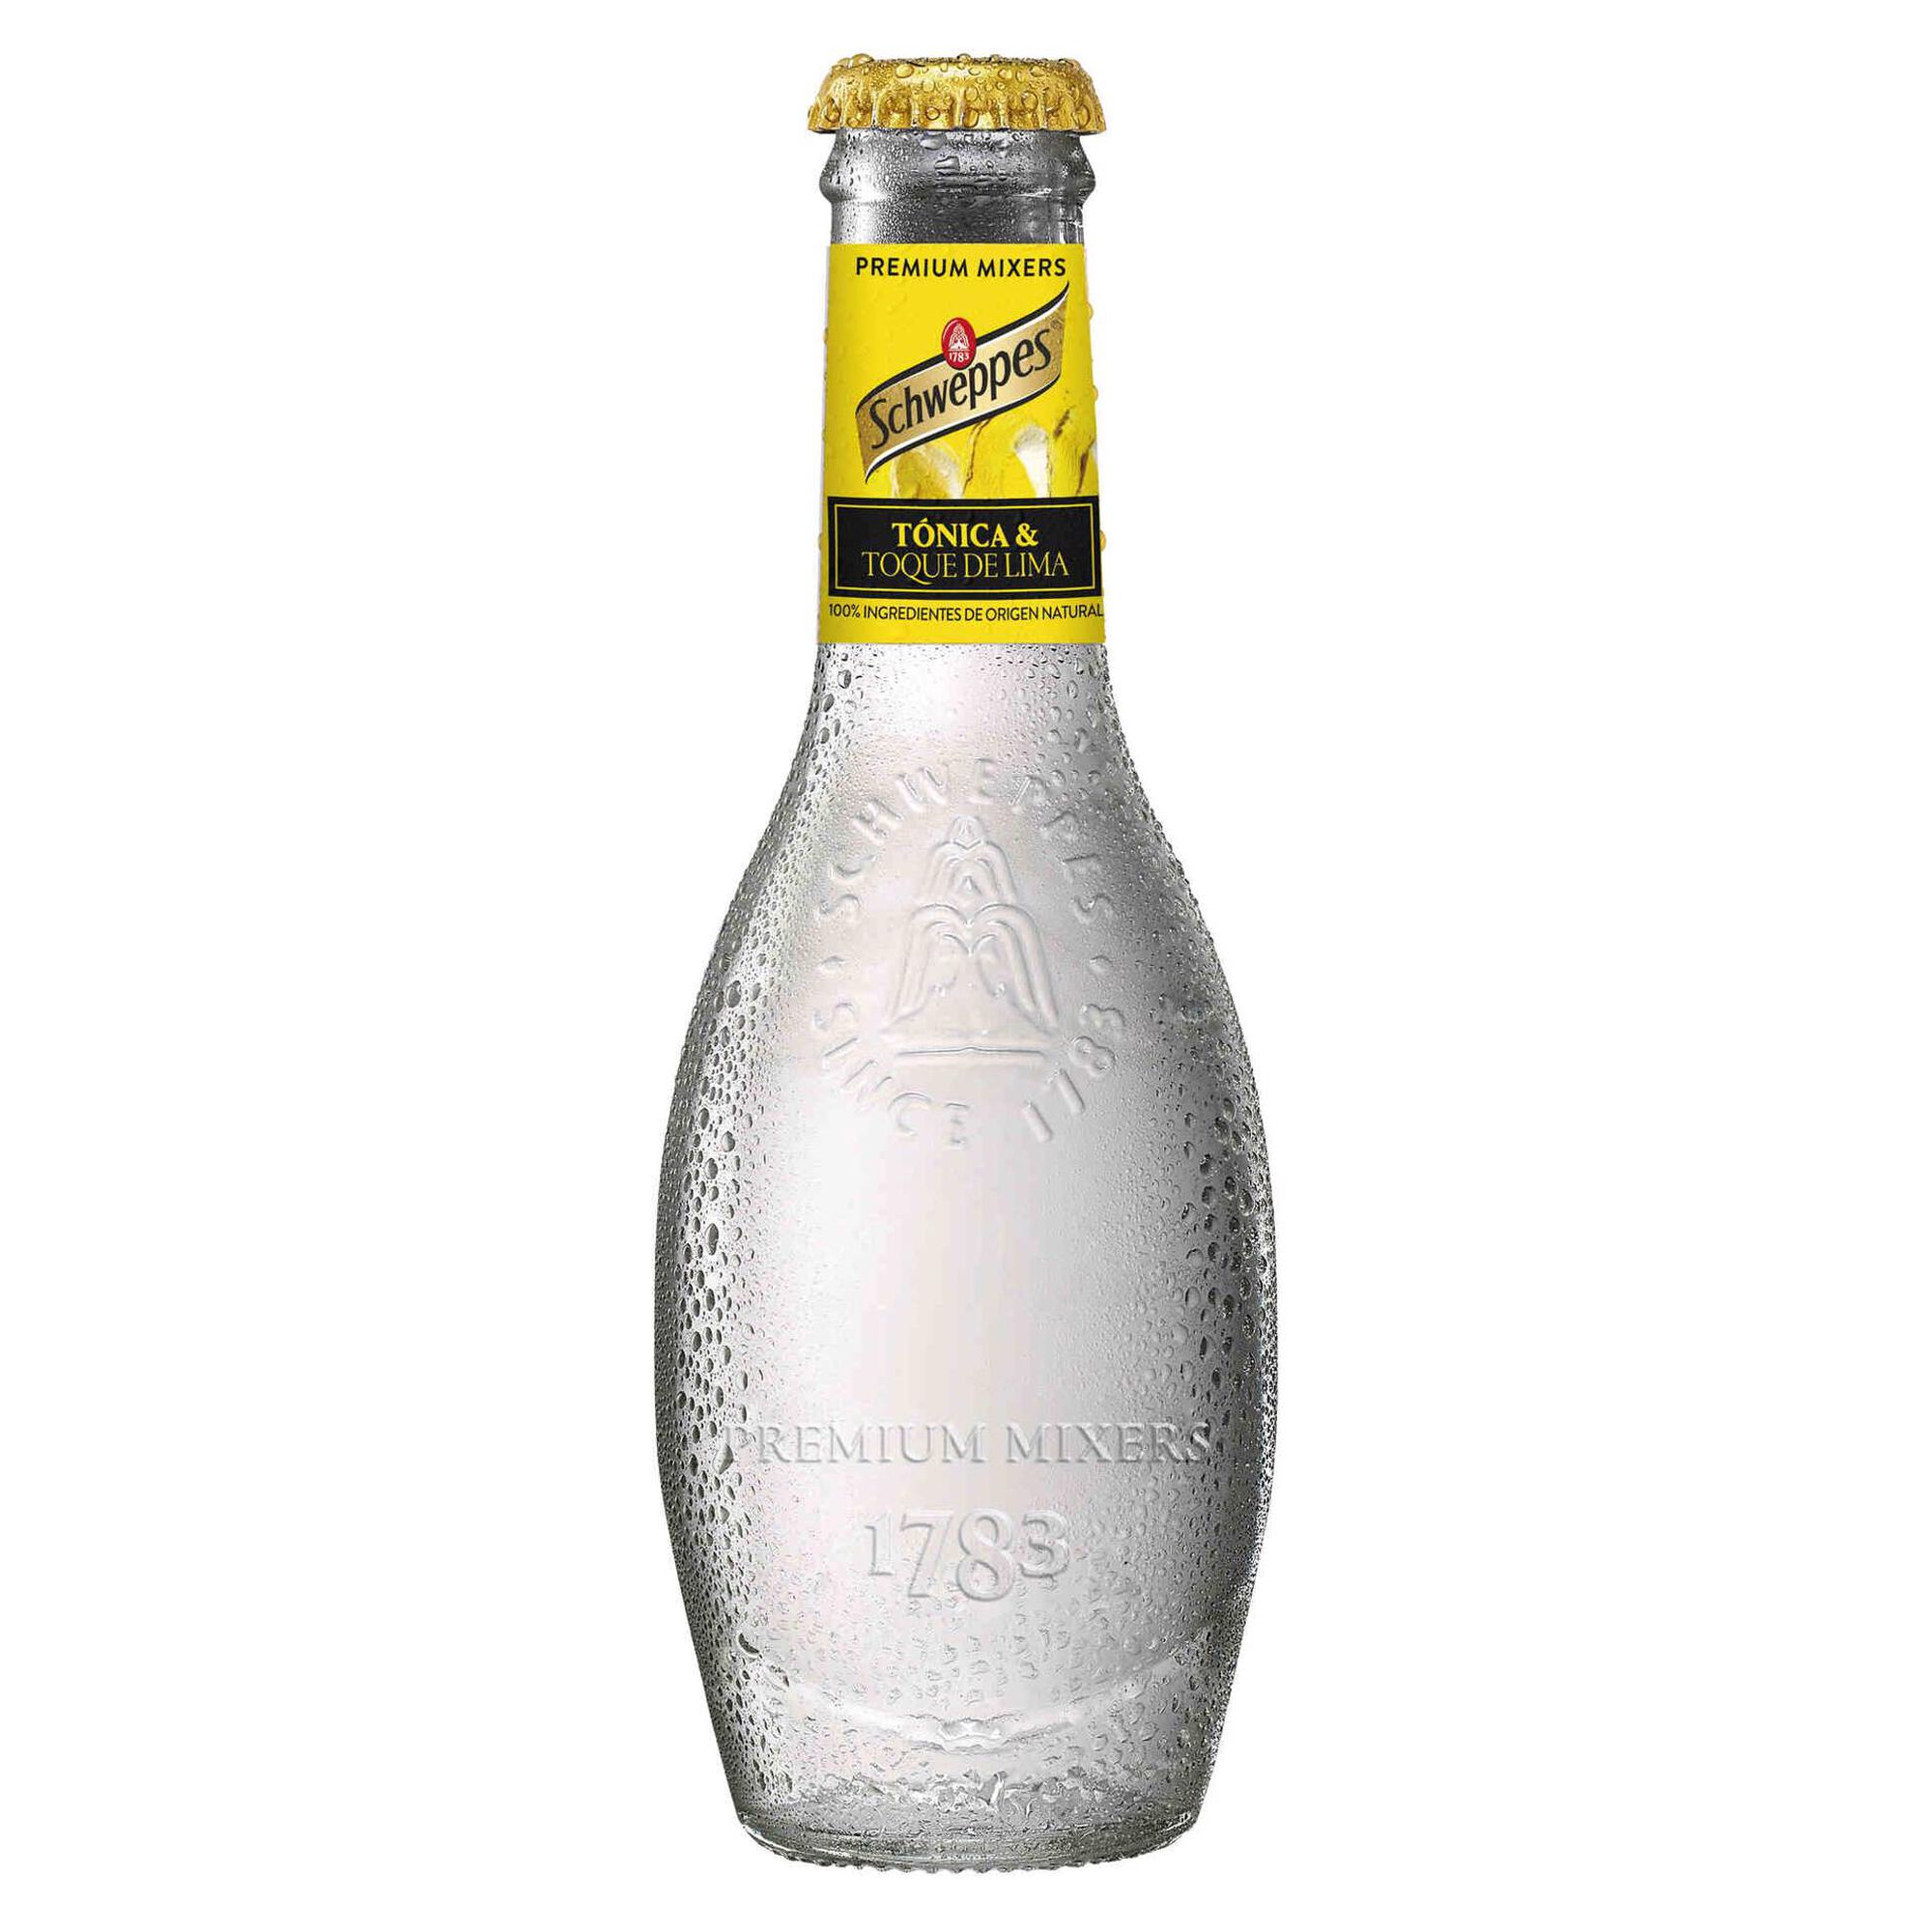 Água Tónica Premium Original Toque de Lima